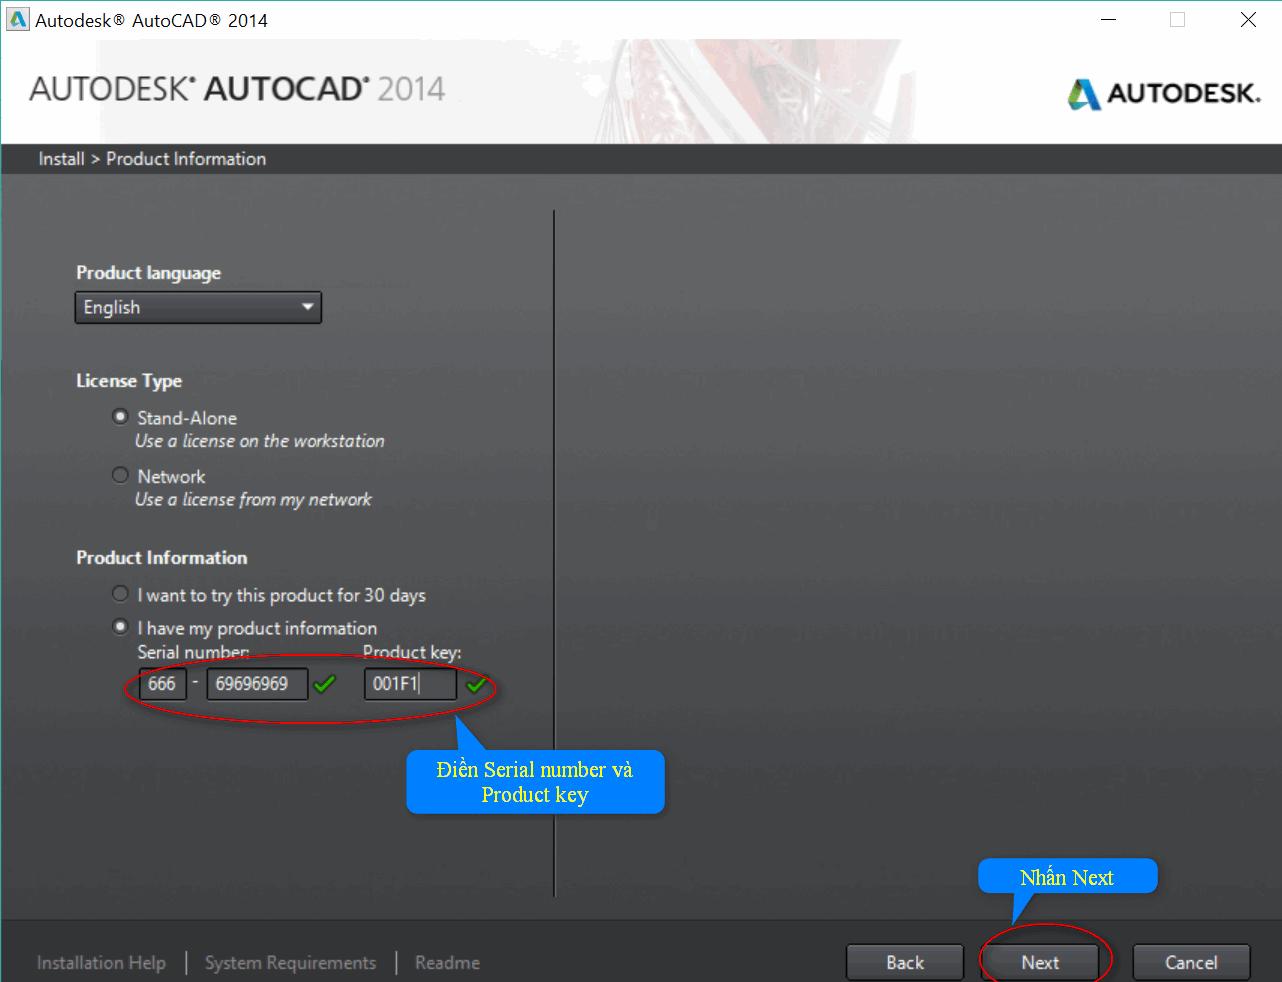 Các bước cài đặt phần mềm AutoCad 2014